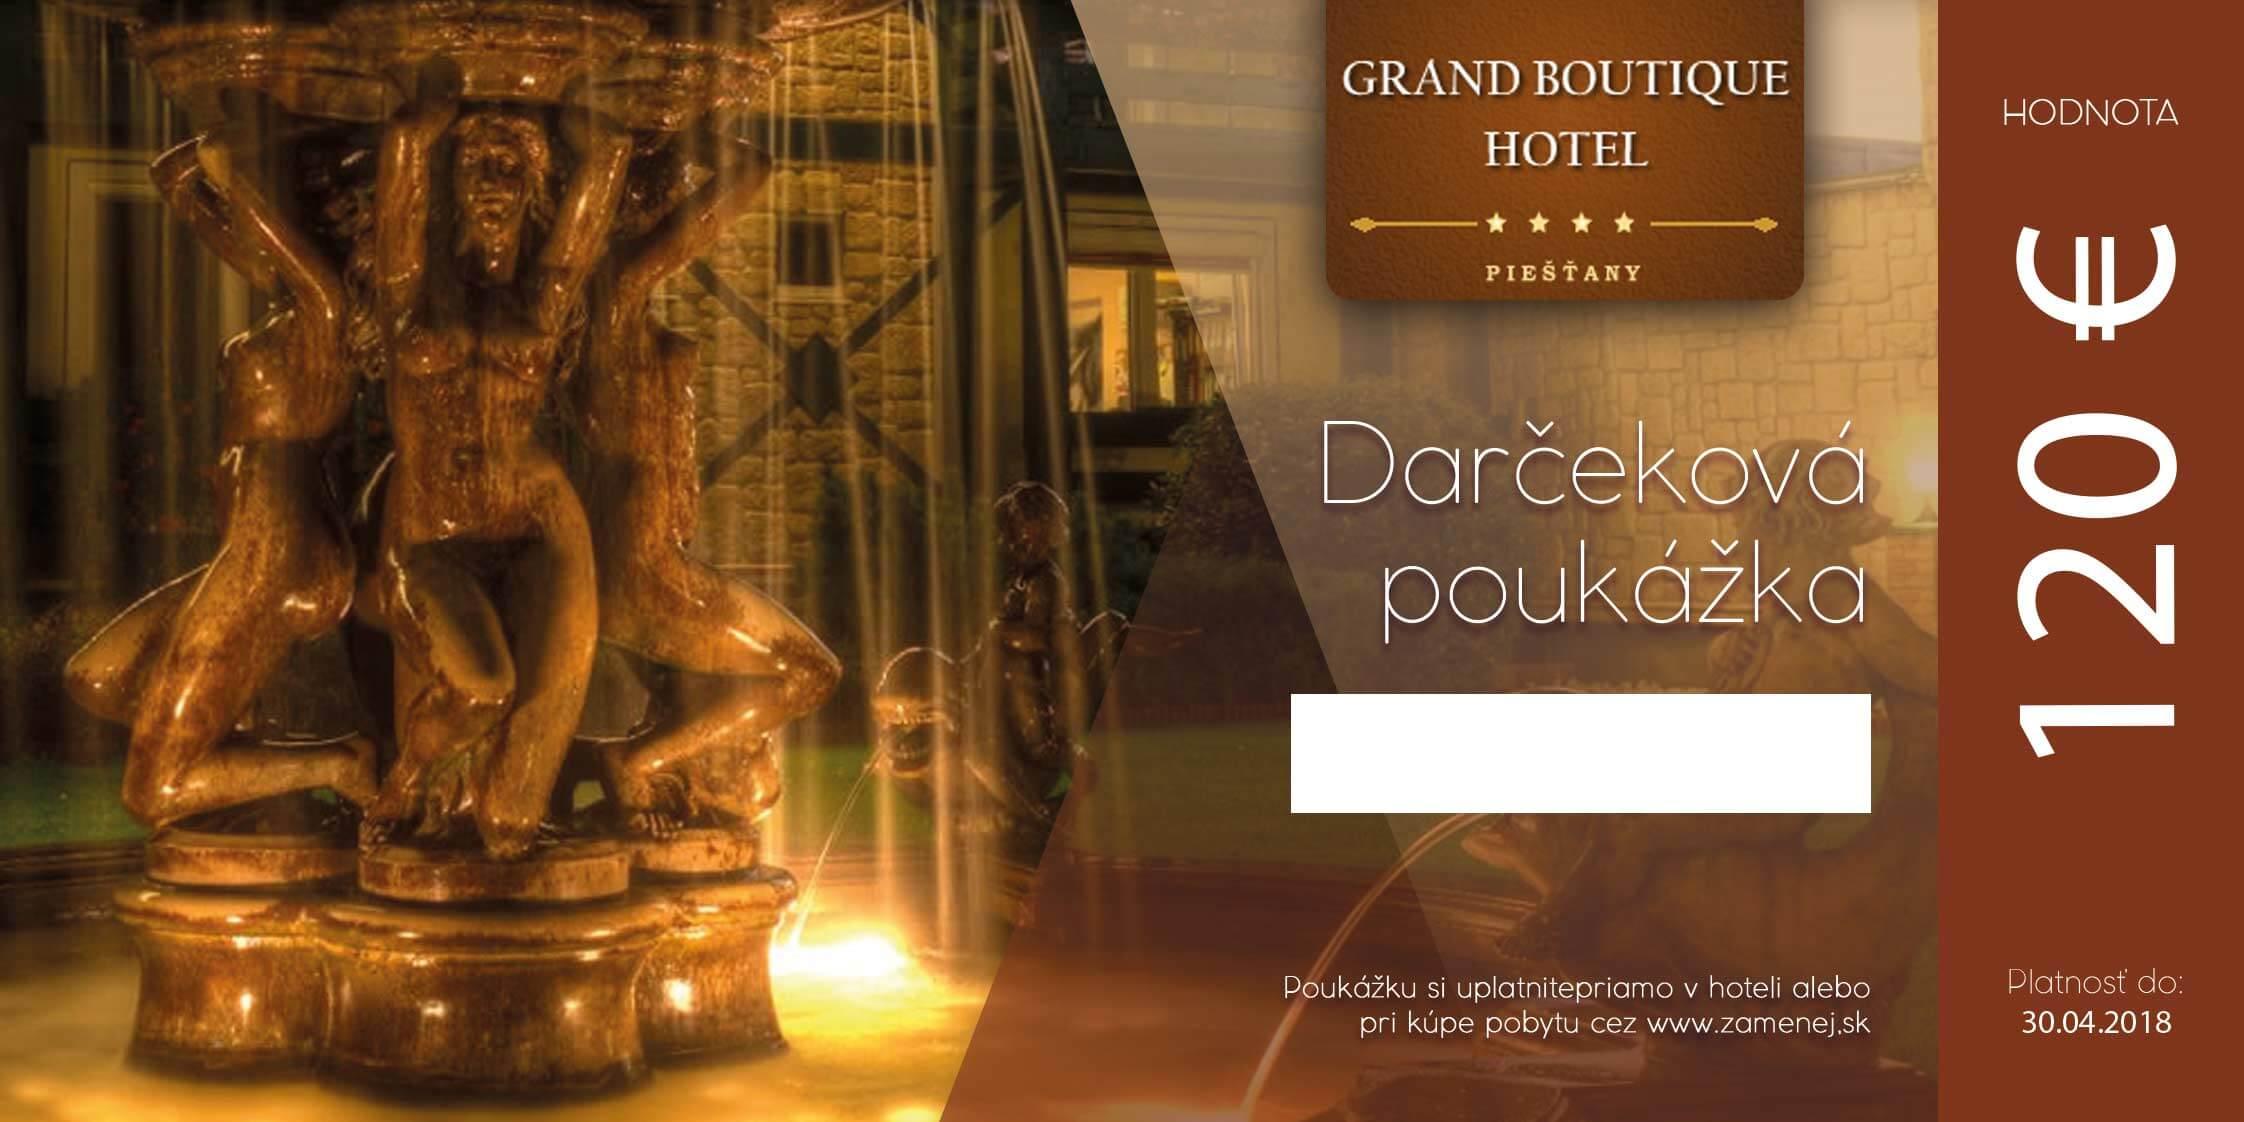 Darčeková poukážka na pobyt v Grand Boutique Hoteli Sergijo**** v hodnote 120 €